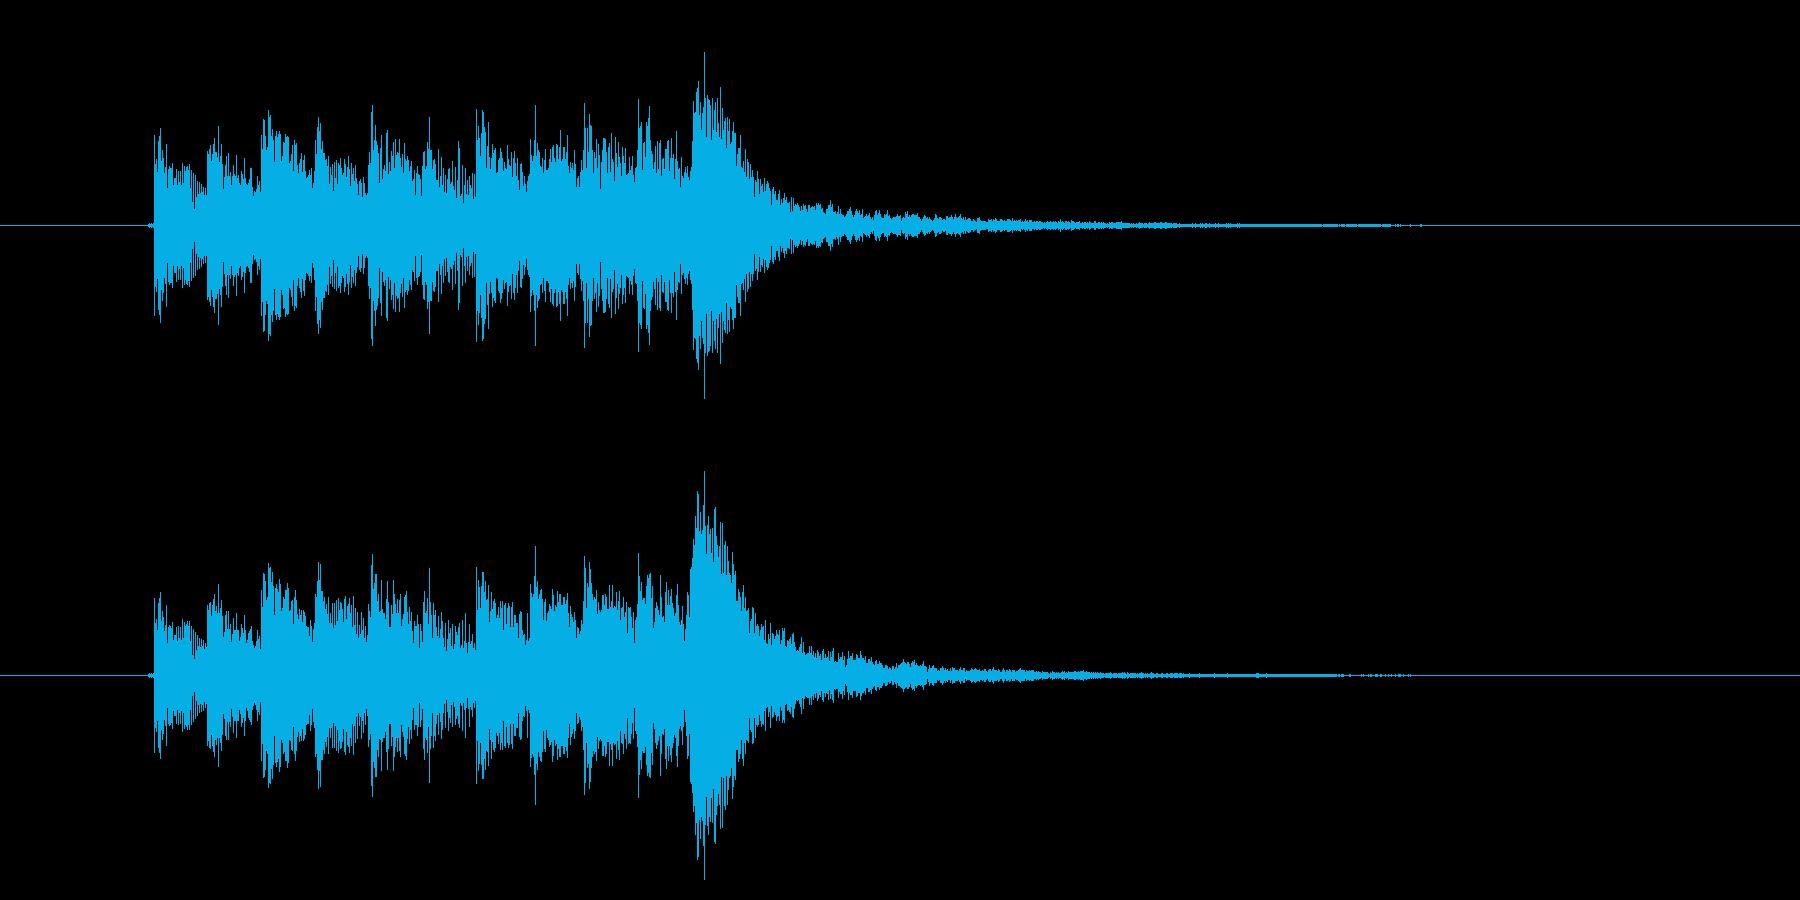 鉄琴サンプリング系のアルペジオの再生済みの波形